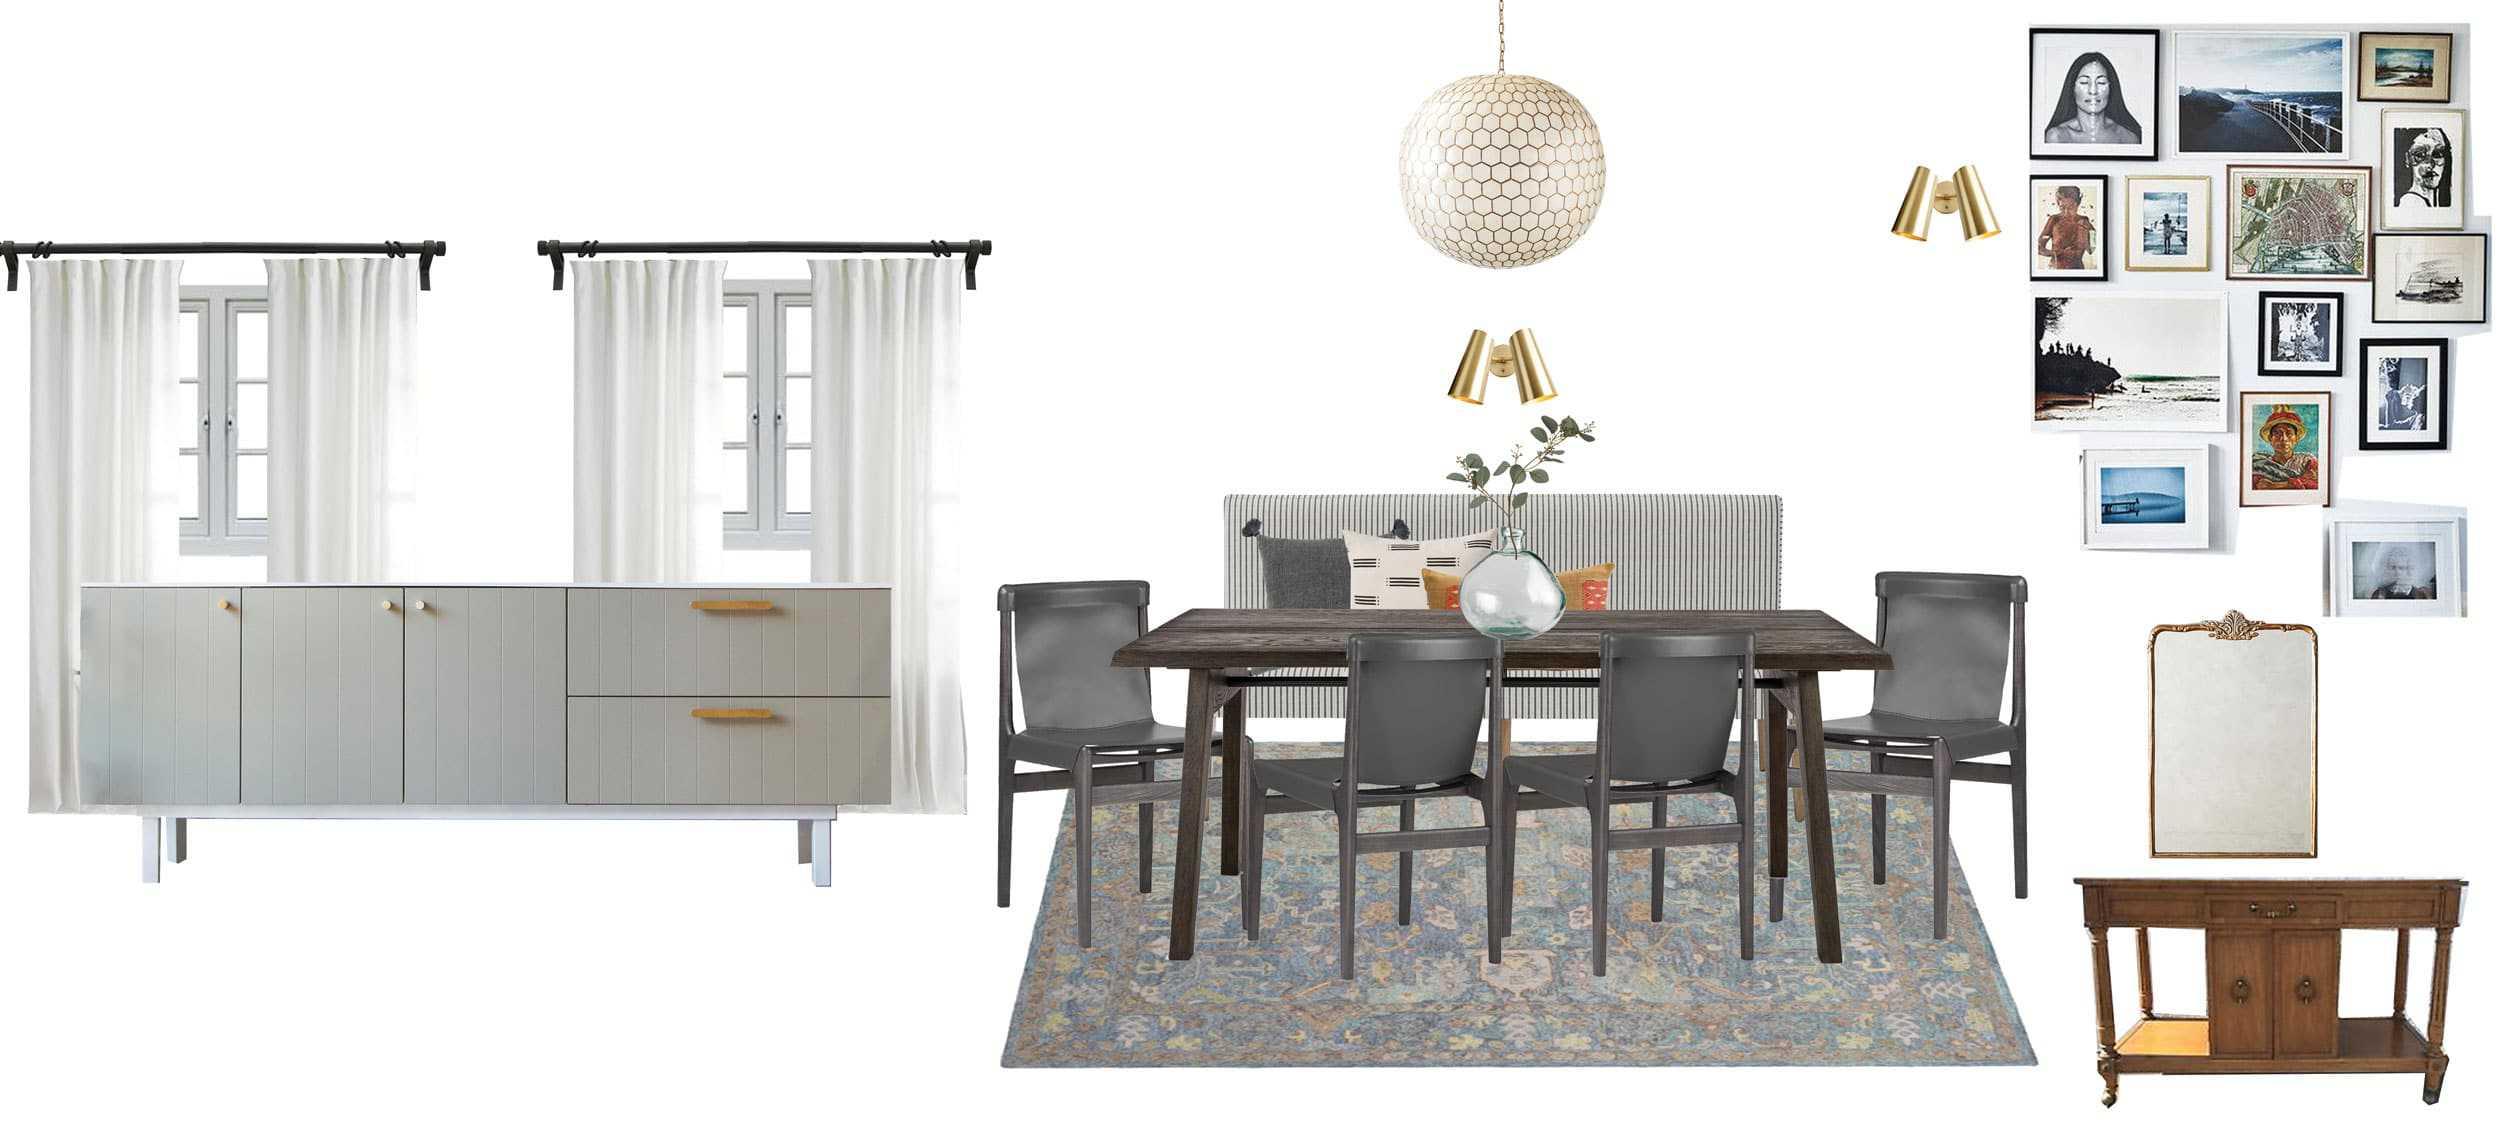 Dining Room Moodboard 4